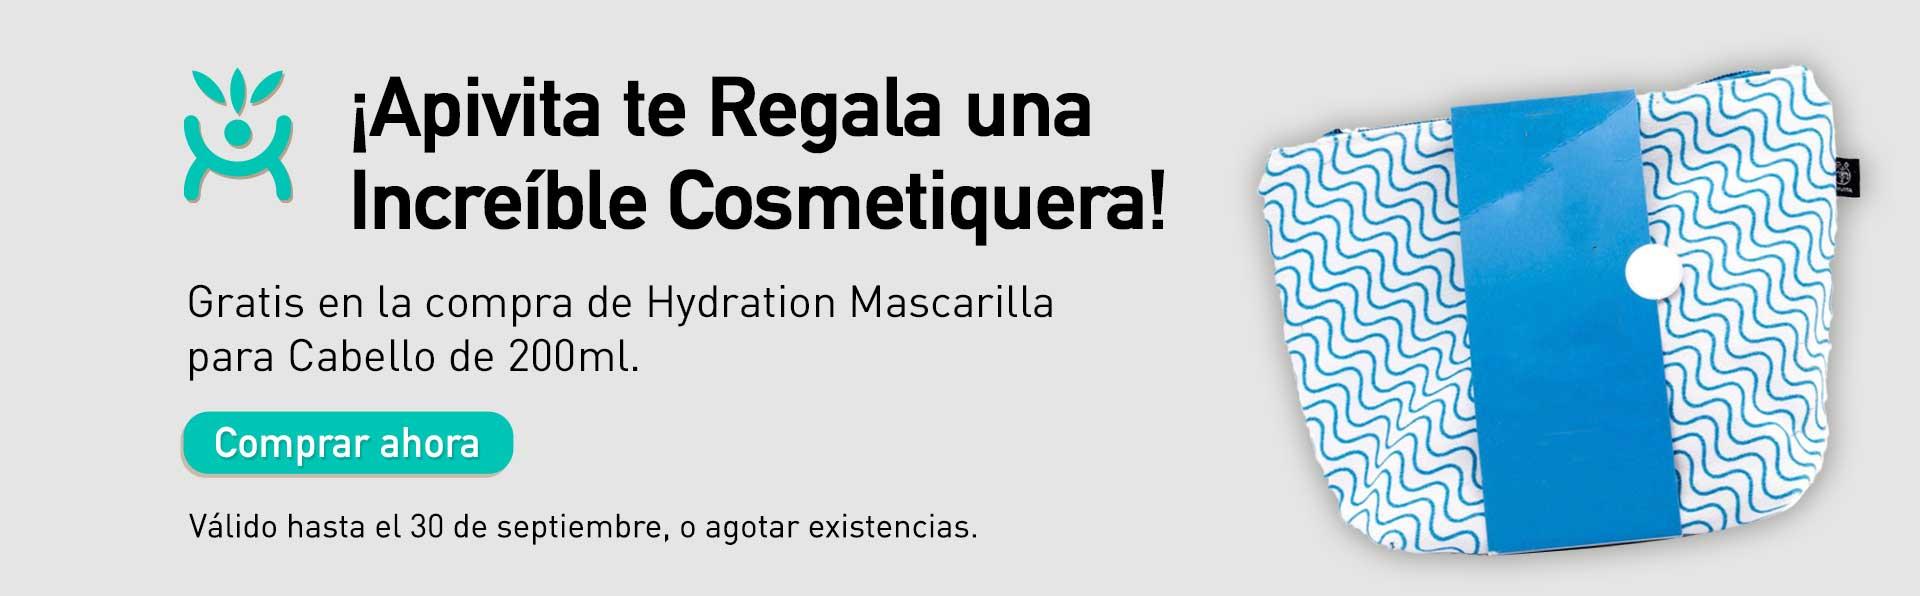 Apivita - Cosmetiquera septiembre 2021